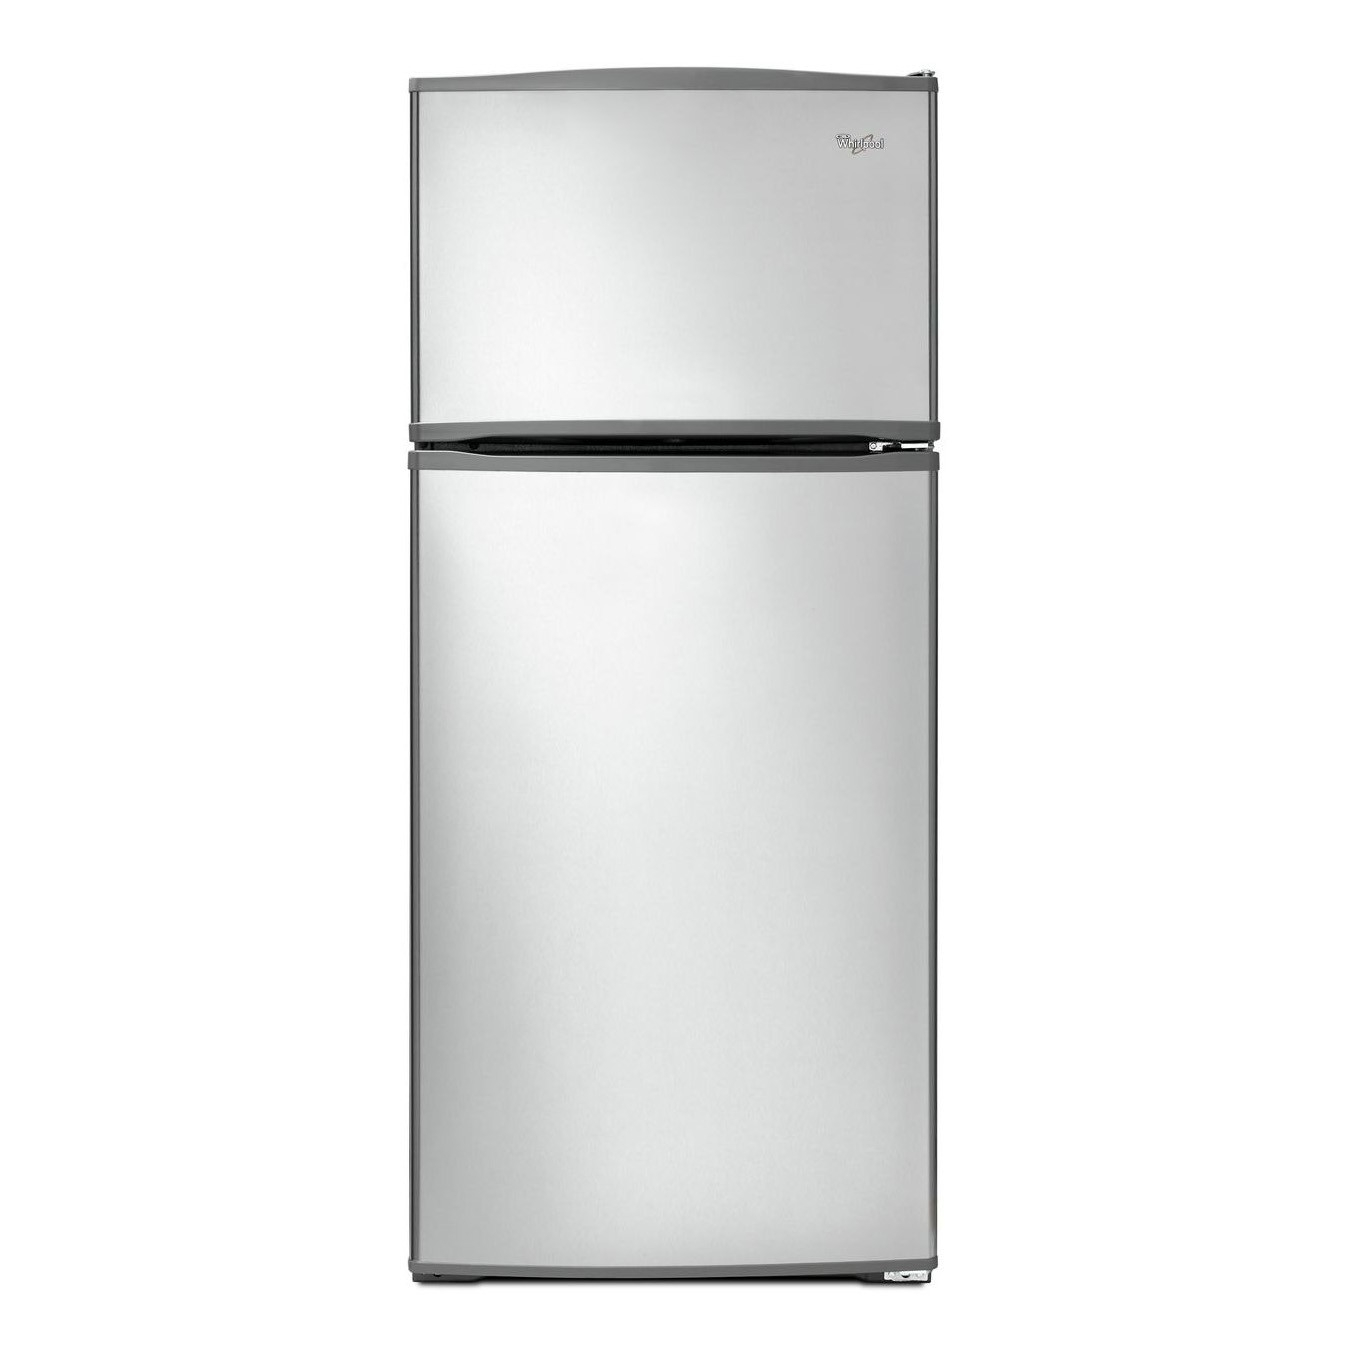 réfrigérateur whirlpool wrs322fdam - inox - electro tahiti